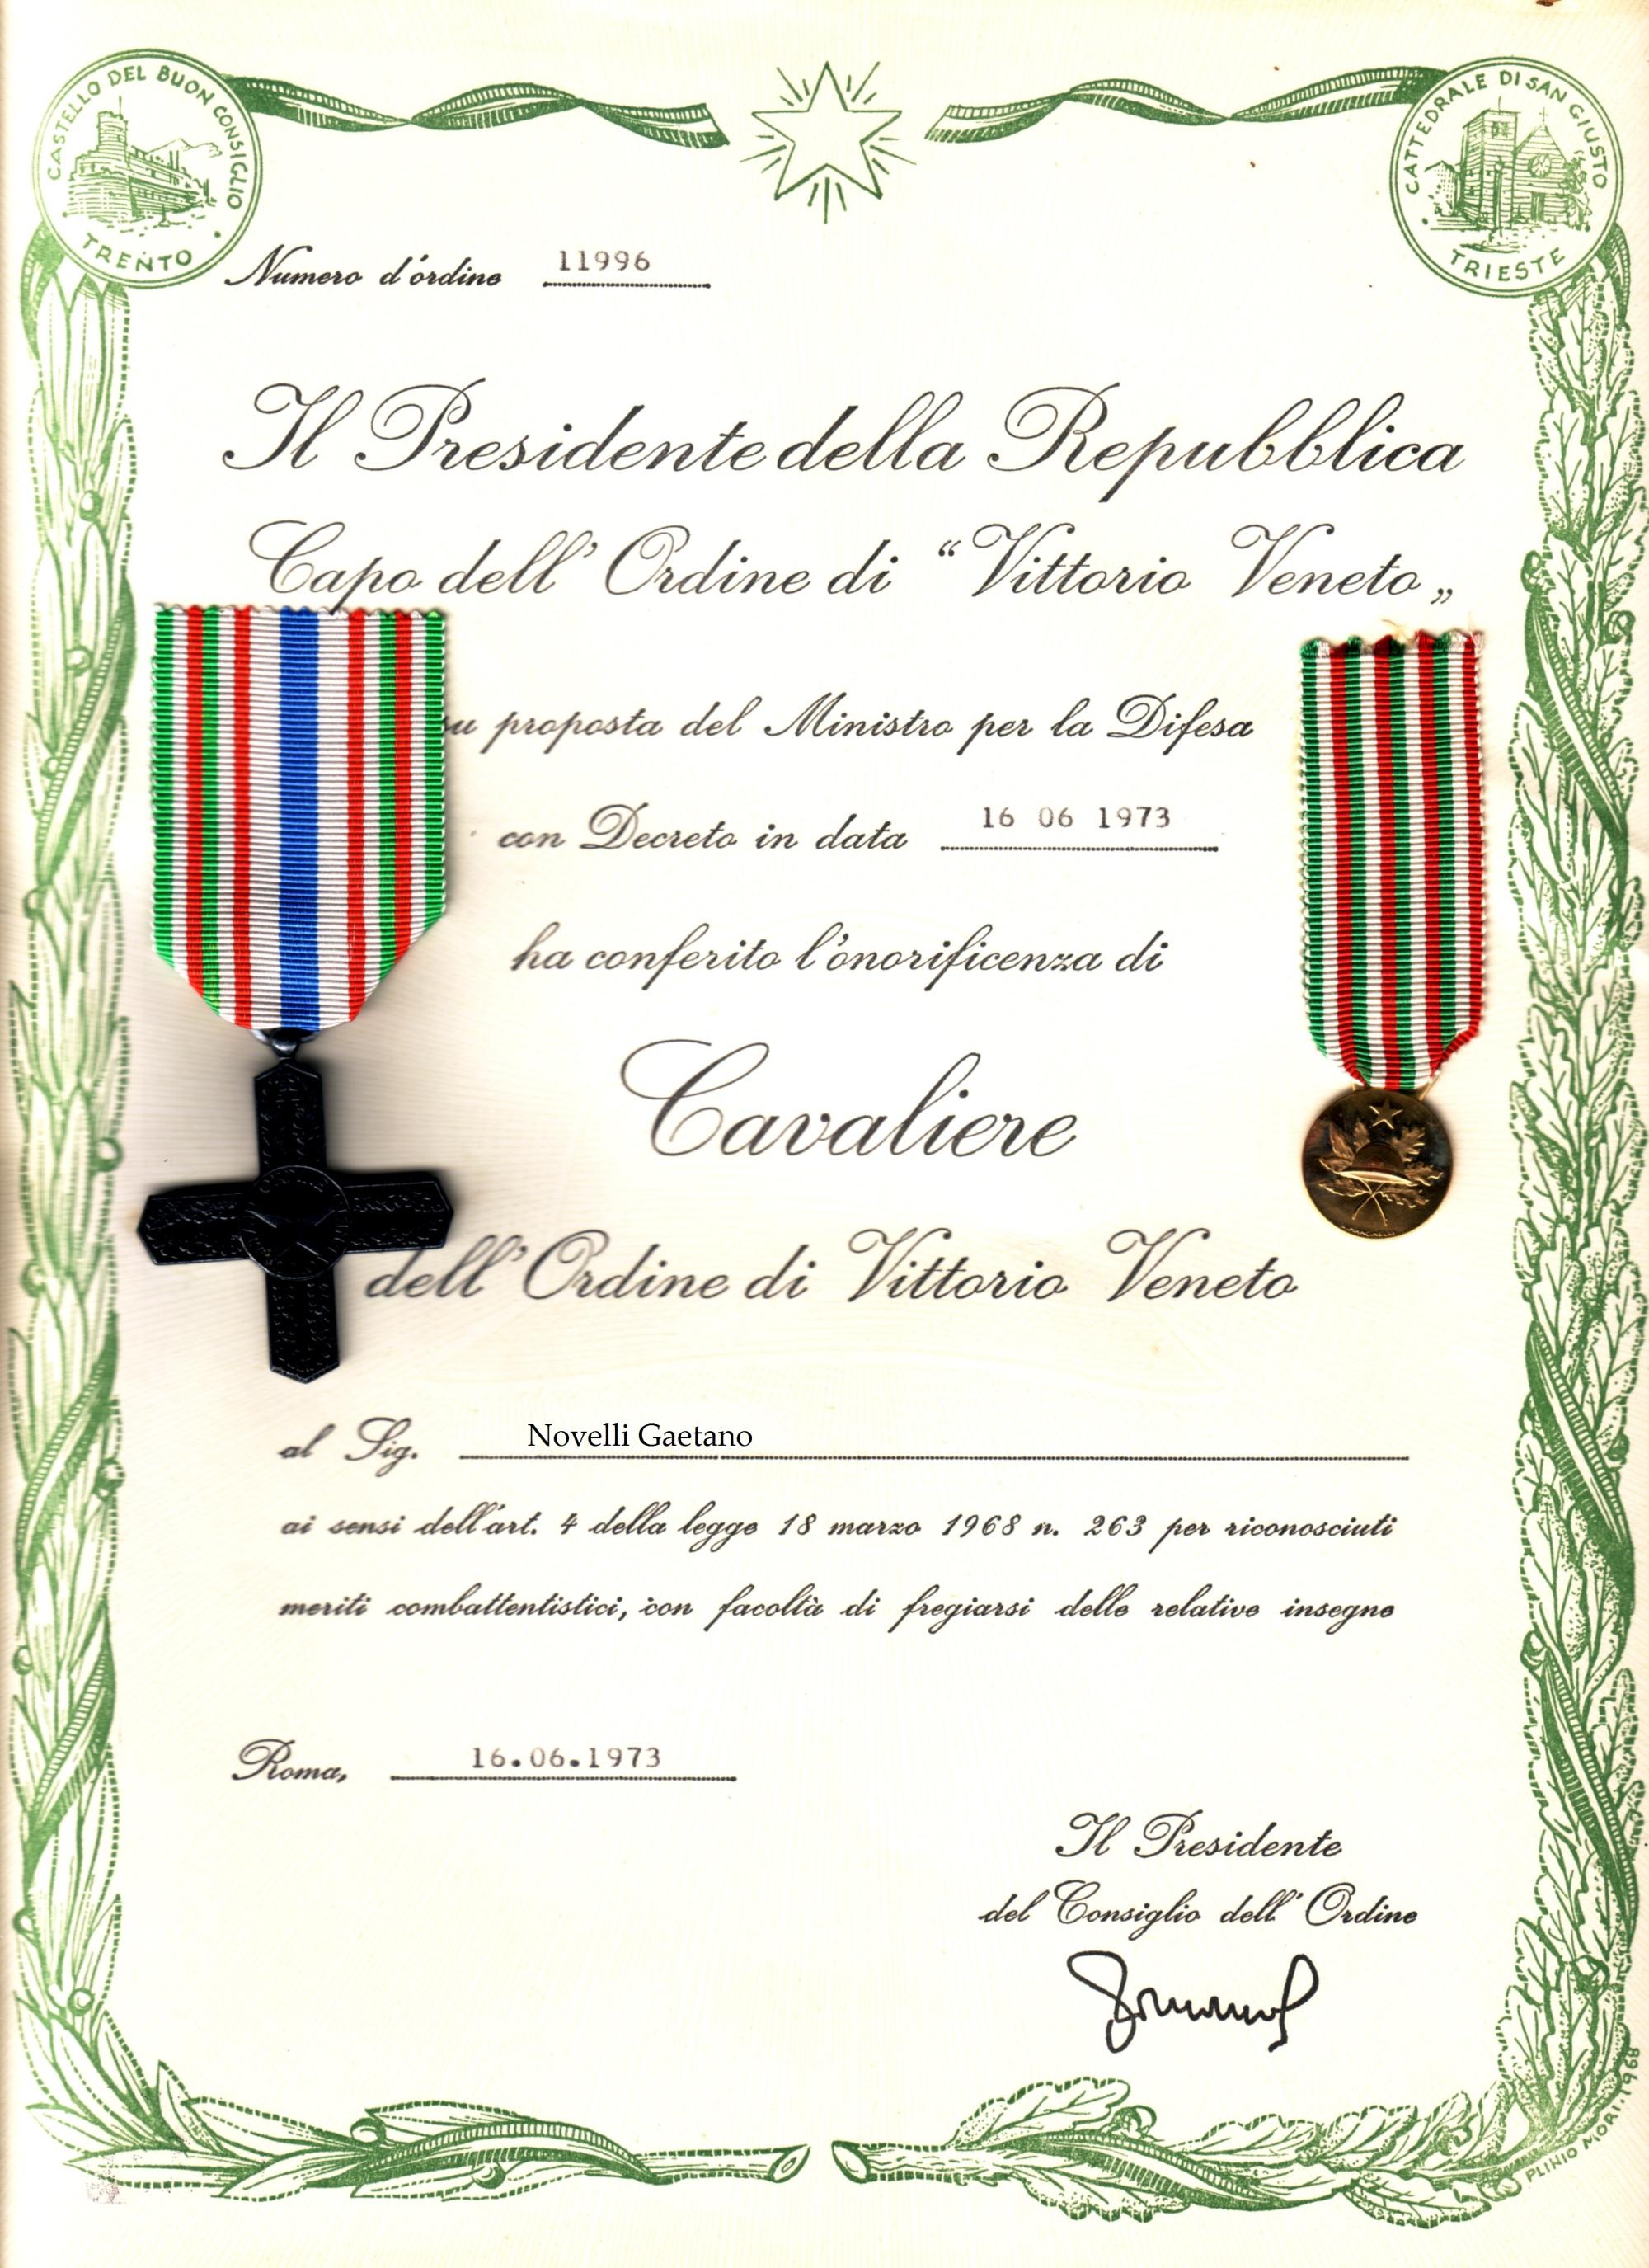 Cav Vittorio Veneto Novelli Gaetano